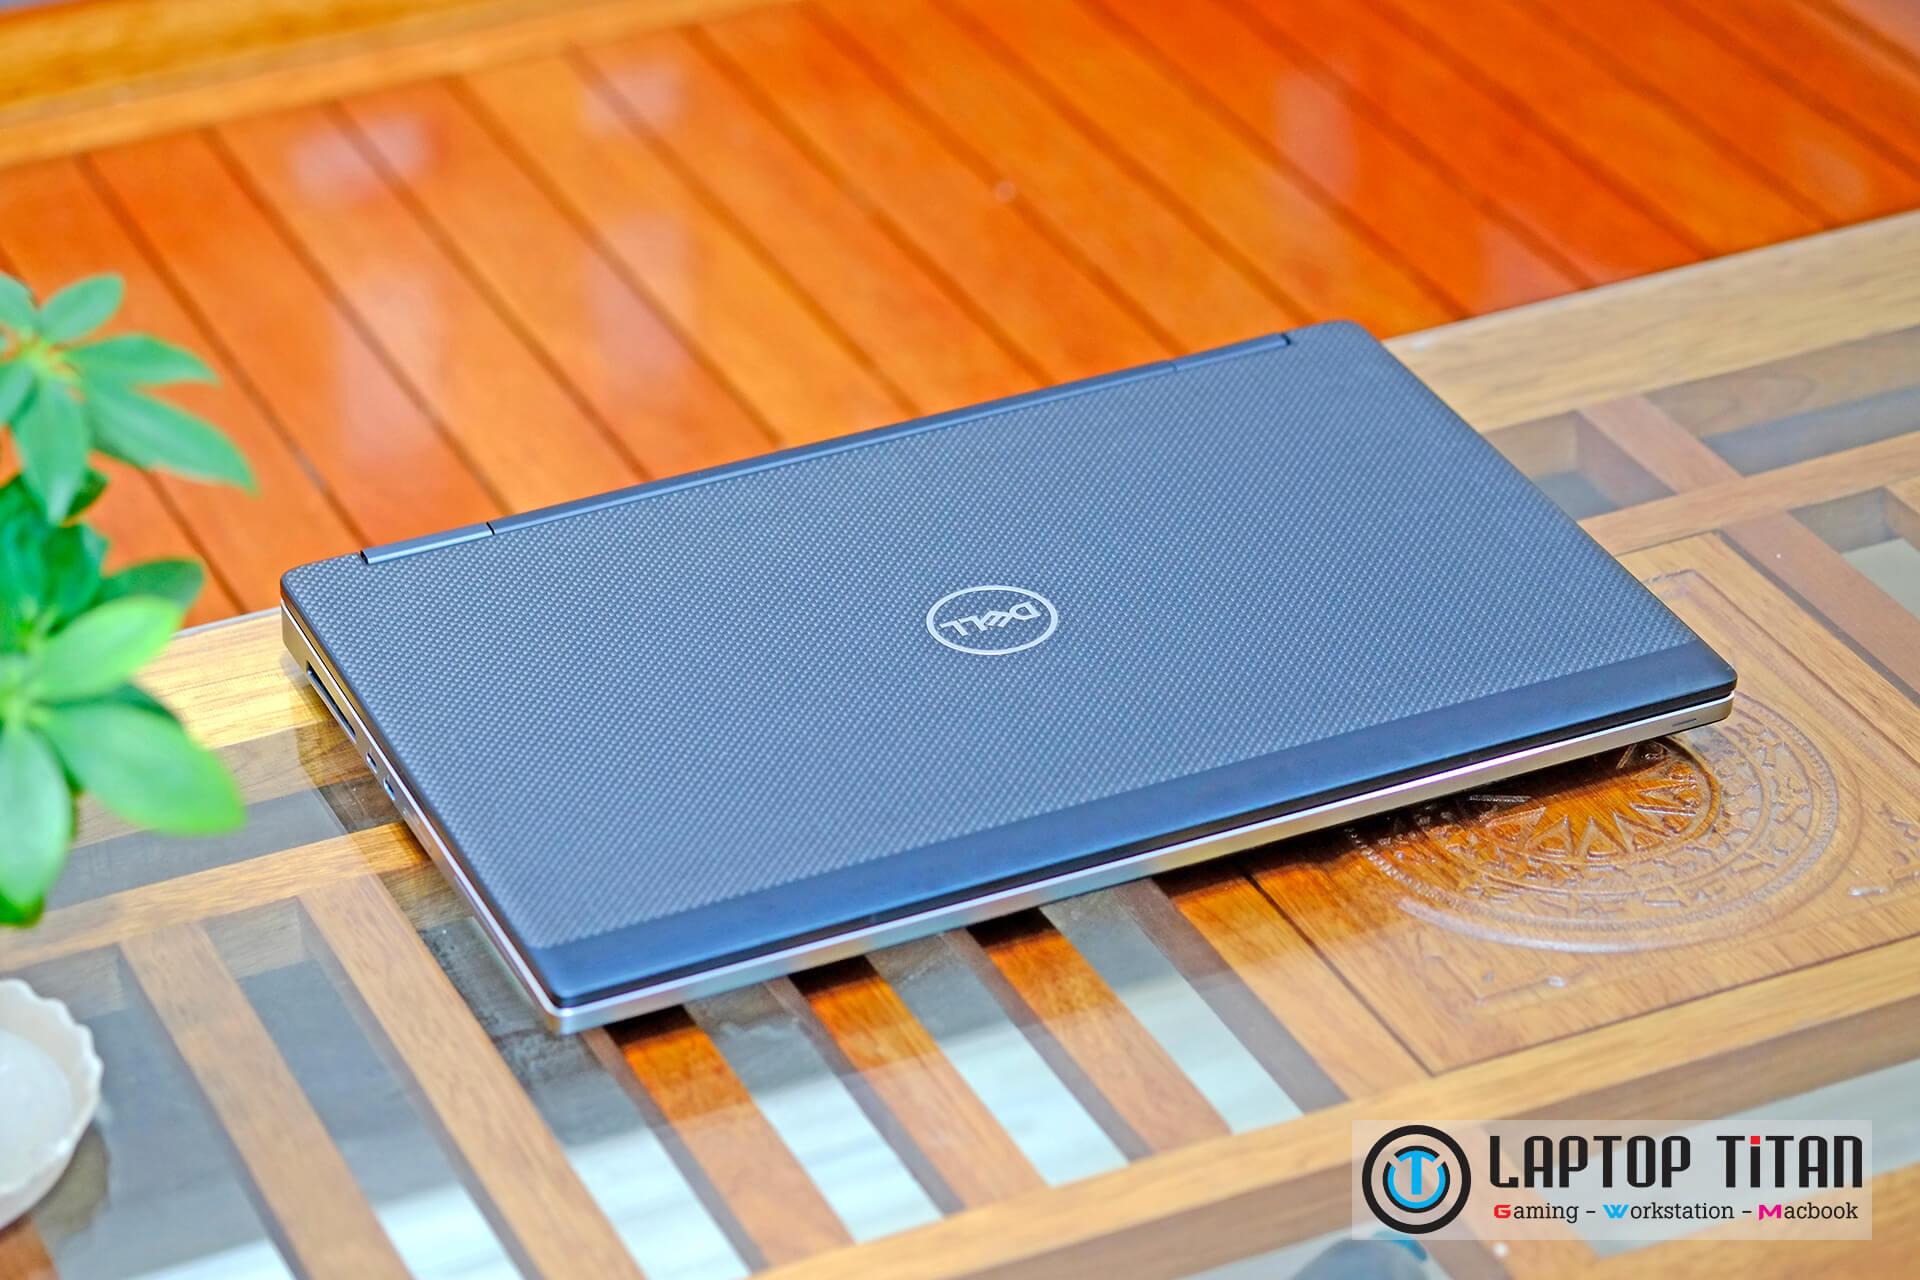 Dell Precision 7530 Laptoptitan 03